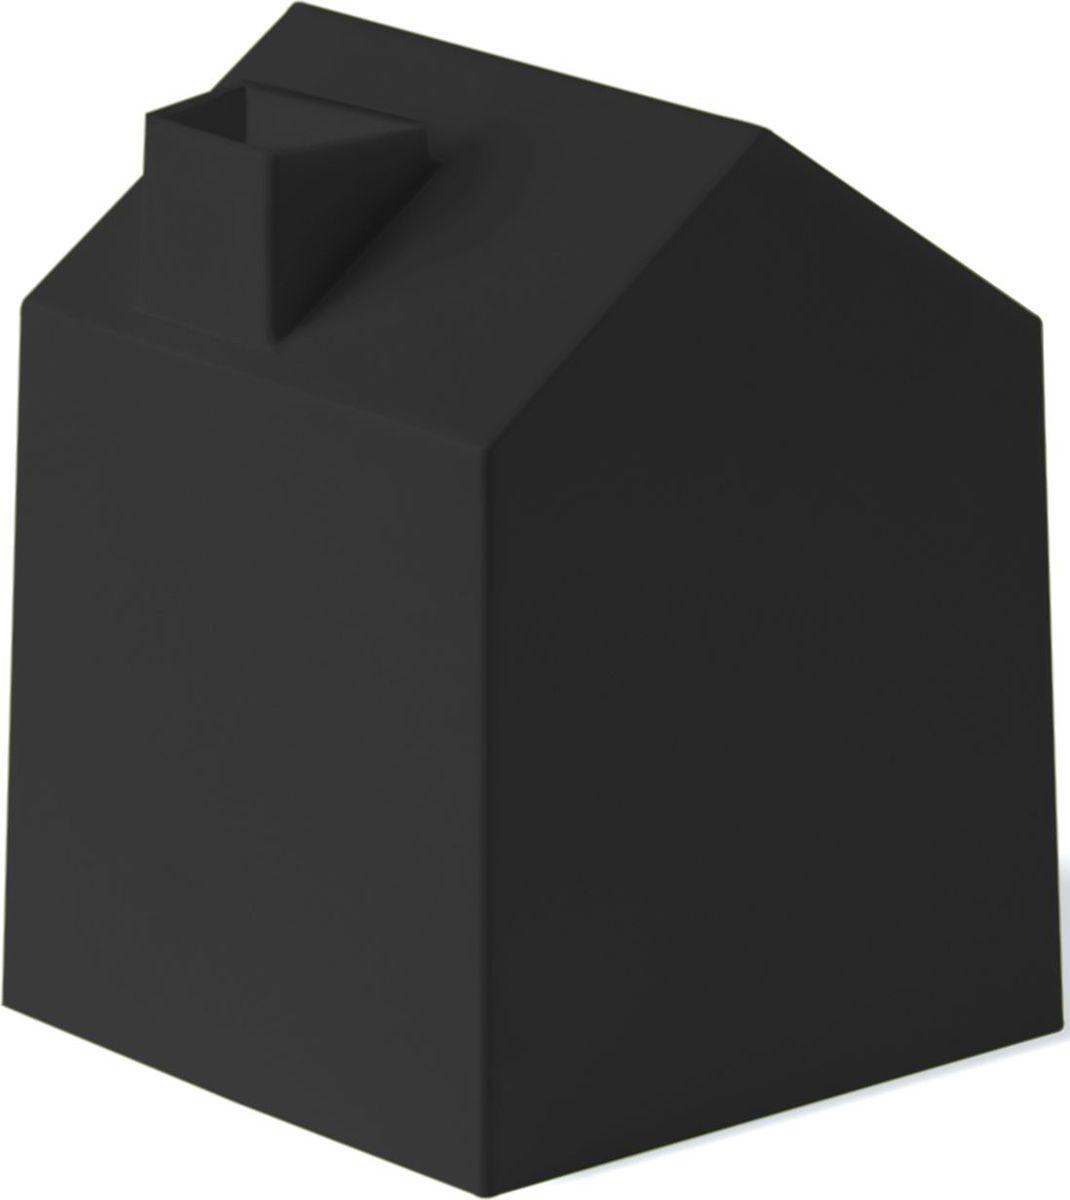 Бокс для салфеток Umbra Casa, цвет: черный, 17 х 13 х 13 см023340-040Салфетки всегда должны быть под рукой, а не разбросаны в сумке или на полке возле зеркала. Бокс многоразовый, как только салфетки закончатся, вам необходимо всего-навсего заложить новую упаковку внутрь. Благодаря яркому и красочному дизайну он впишется в любой и интерьер и будет радовать глаз долгое время.